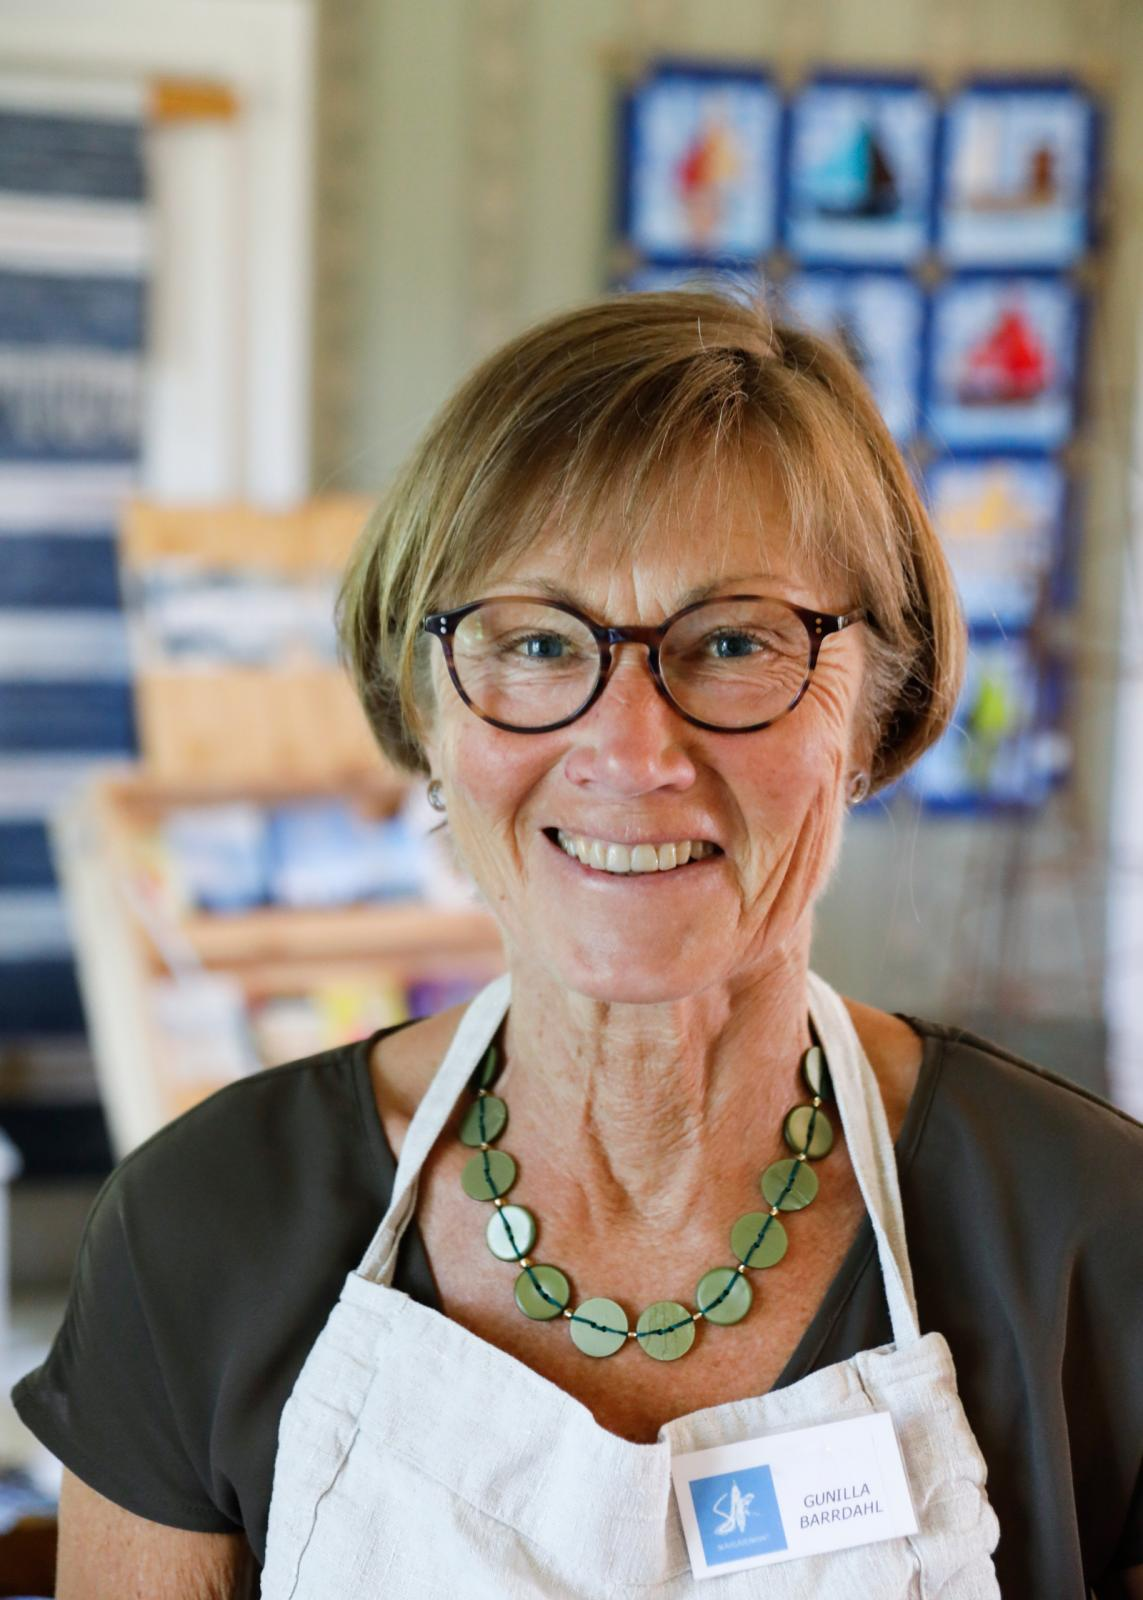 Gunilla Barrdahl är en av 26 hantverkare som bemannar Skärgårdskraft.